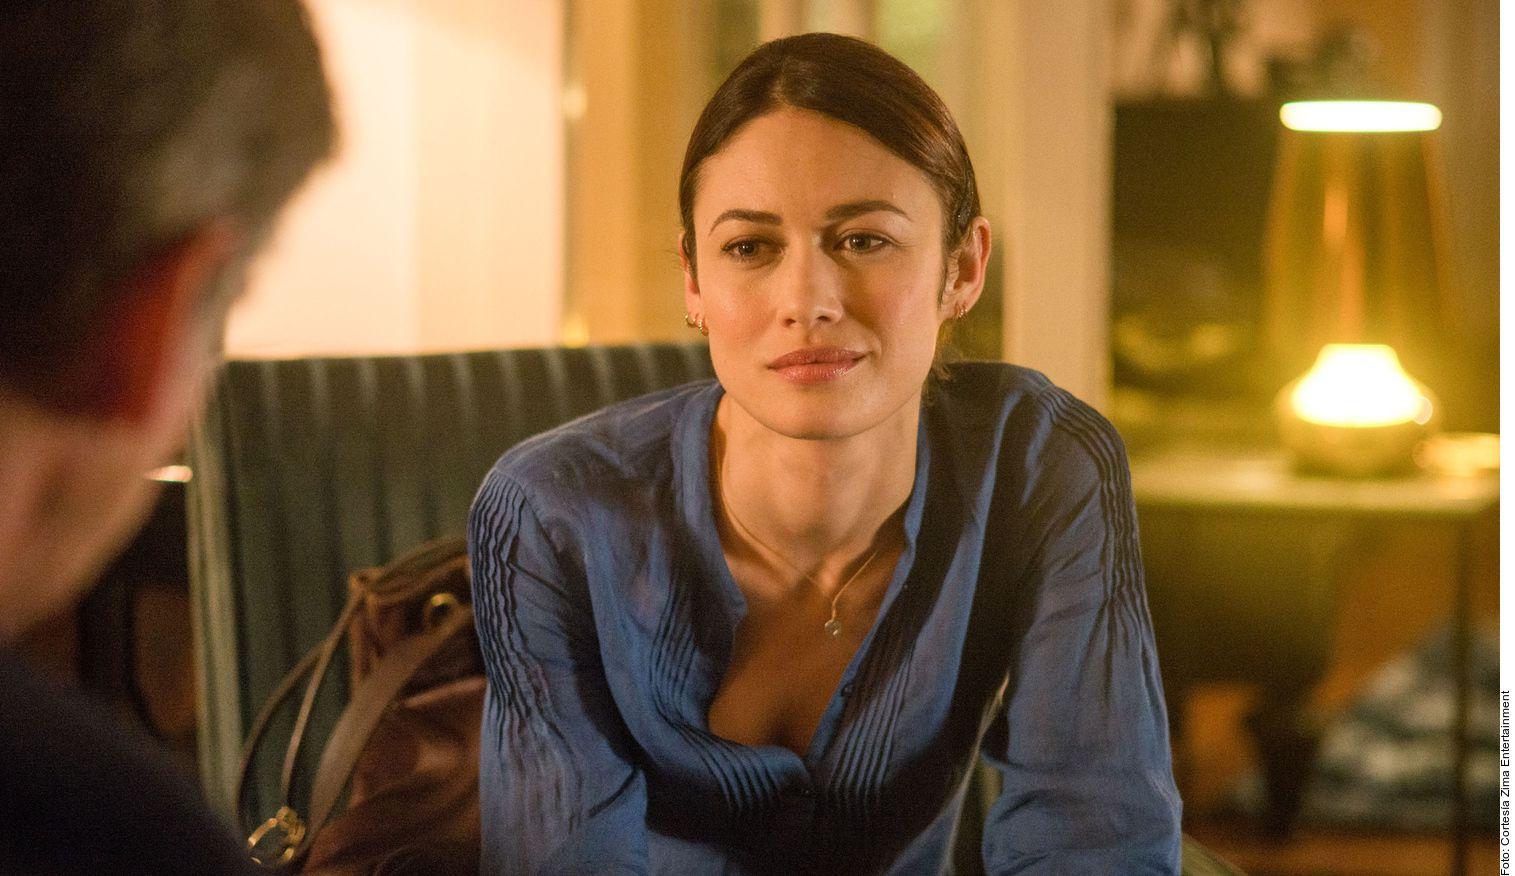 La actriz Olga Kurylenko (foto), conocida por su rol en la cinta de James Bond, Quantum of Solace, confirmó la semana pasada que había dado positivo por Covid-19 y alentó a los fanáticos a tomar la pandemia en serio.